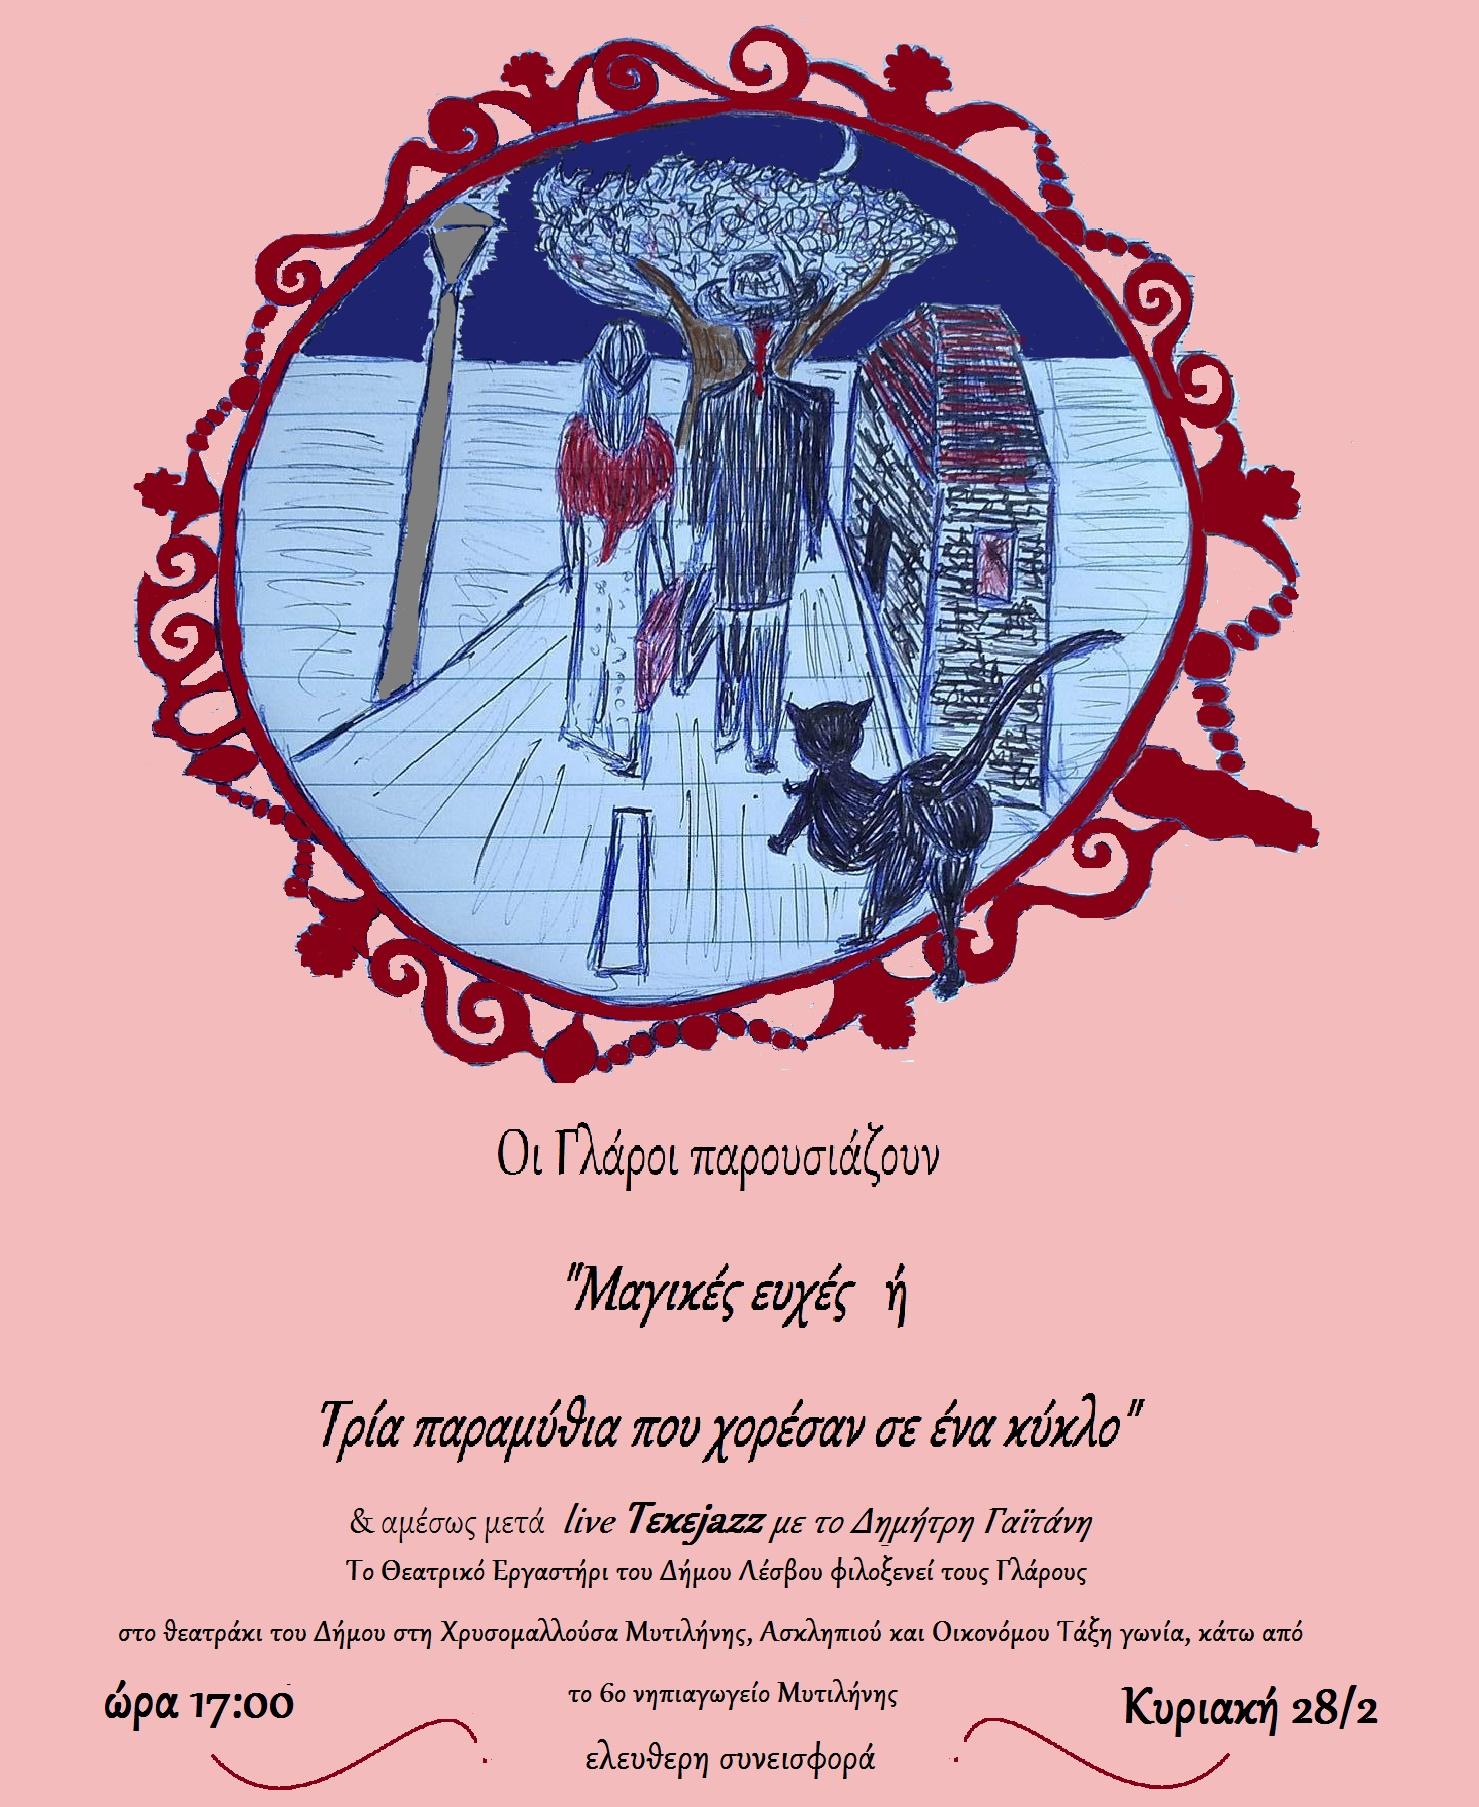 Οι Μαγικές Ευχές ή Τρία παραμύθια που χορέσαν σ΄ένα κύκλο την Κυριακή 28.1 στο θεατράκι του δήμου στη Χρυσομαλλούσα